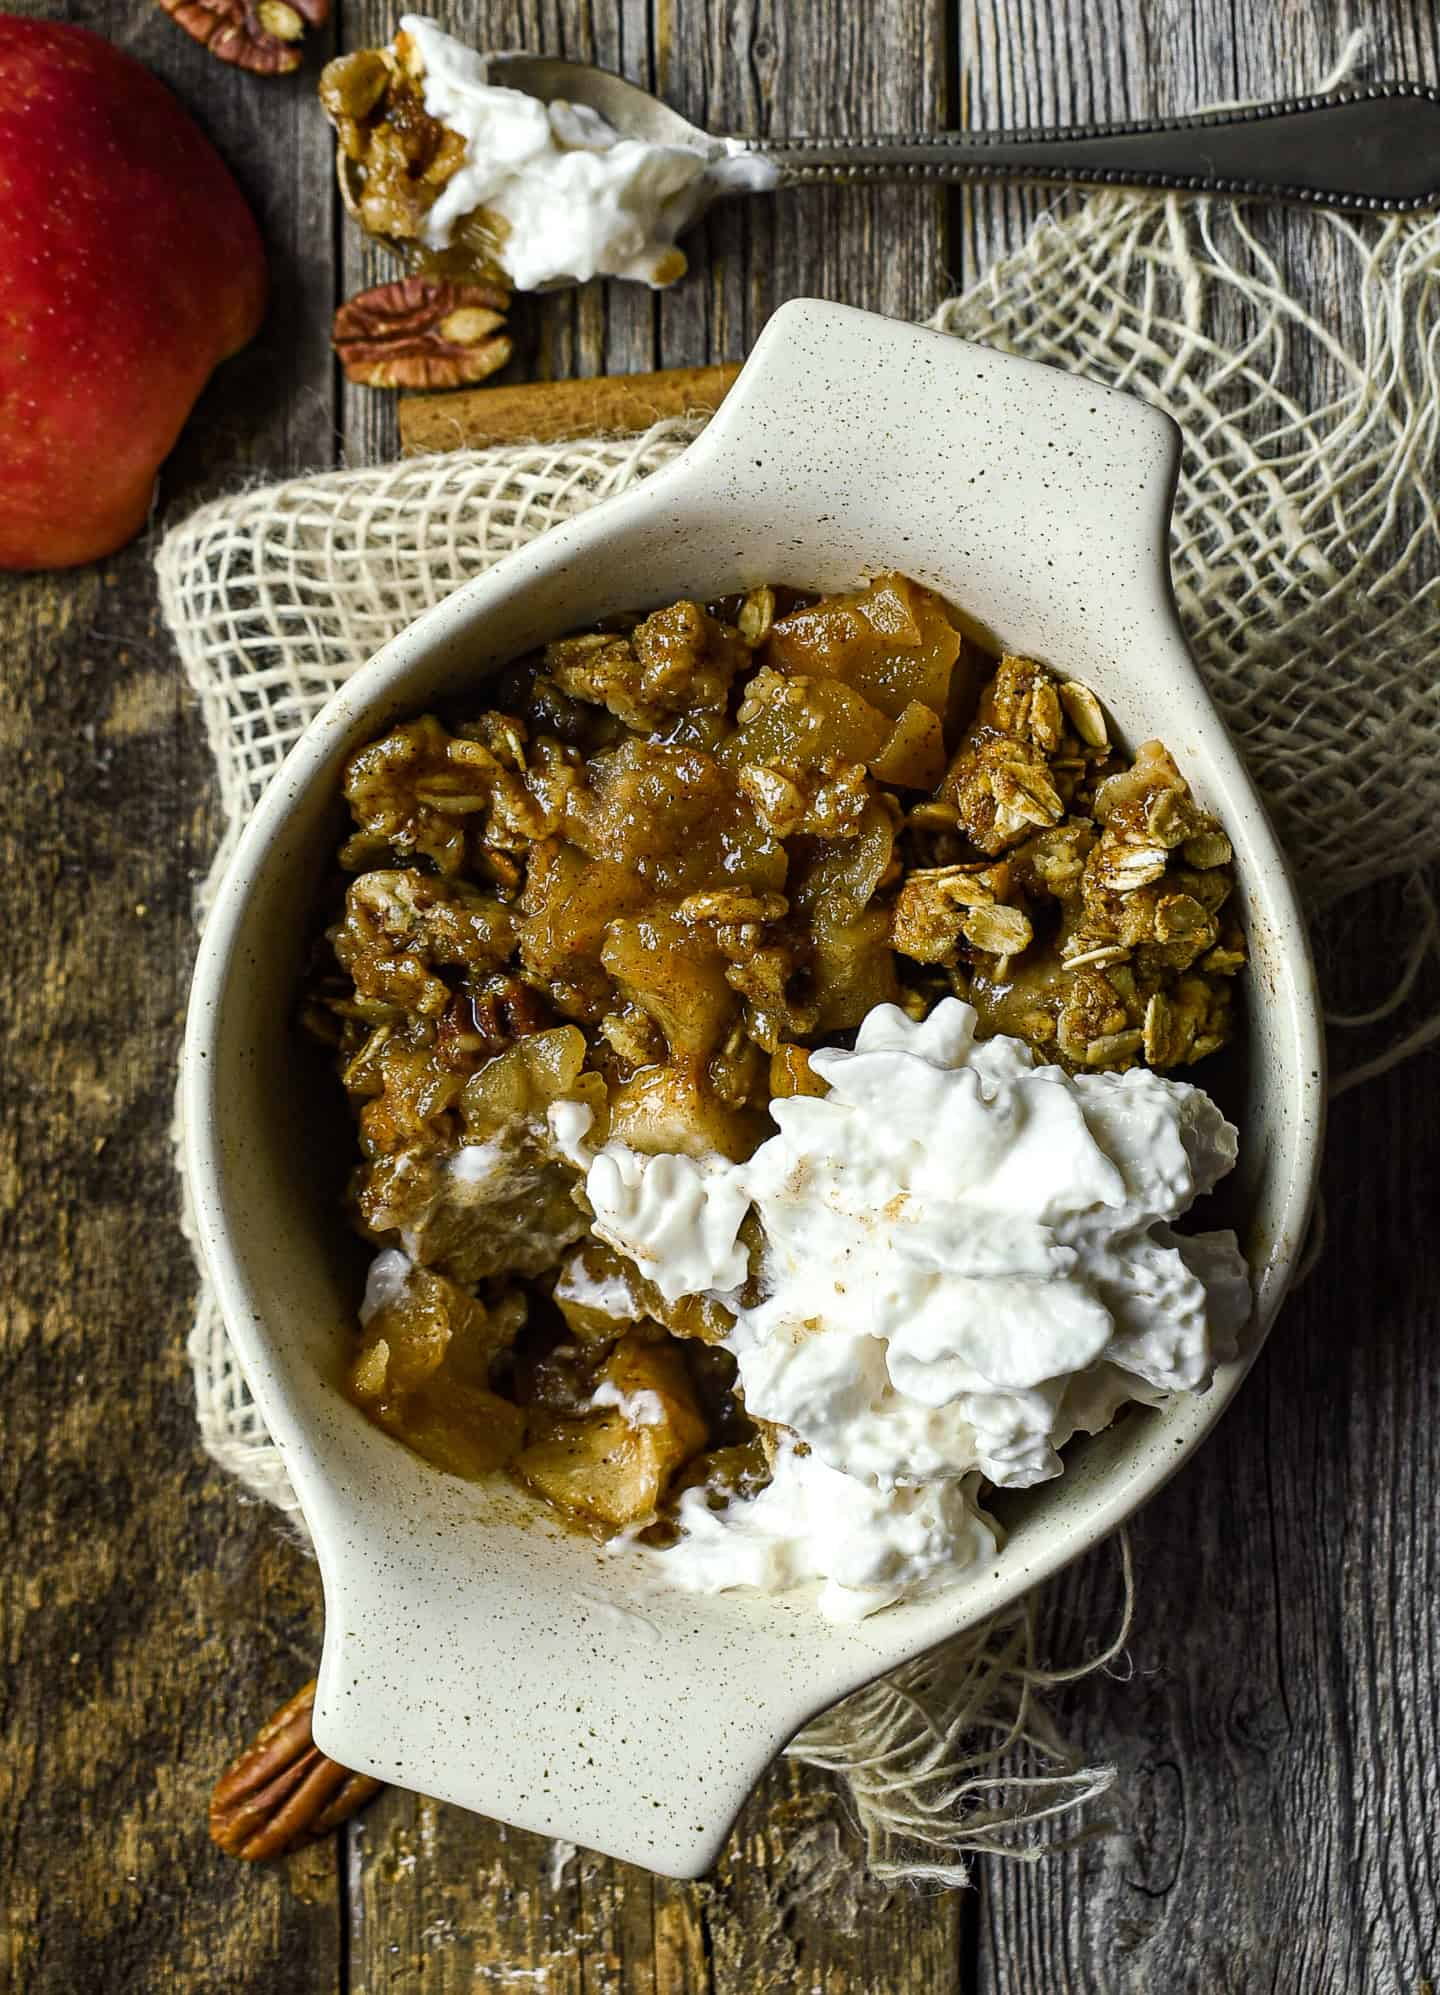 vegan apple crisp in bowl with vegan whipped cream.